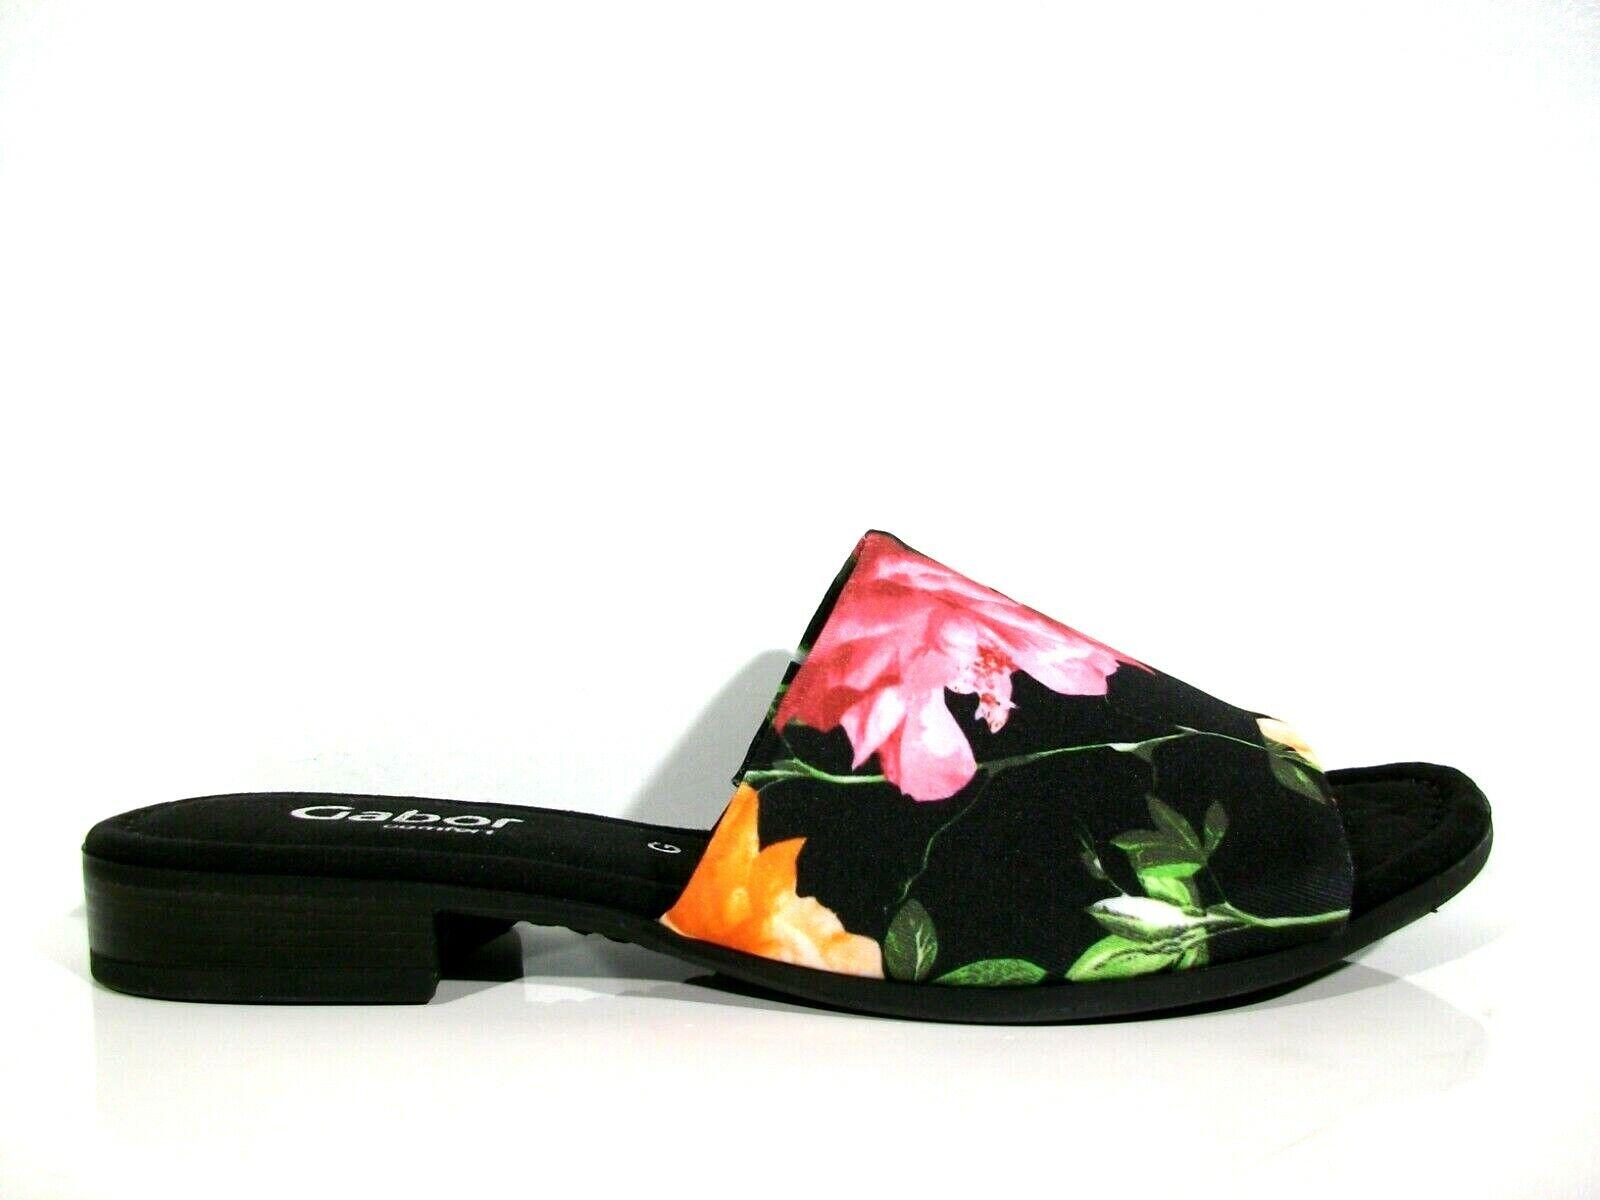 Gabor Damen Pantolette 22.790.27 Weite G schwarz multi Größe 37,5-40,5